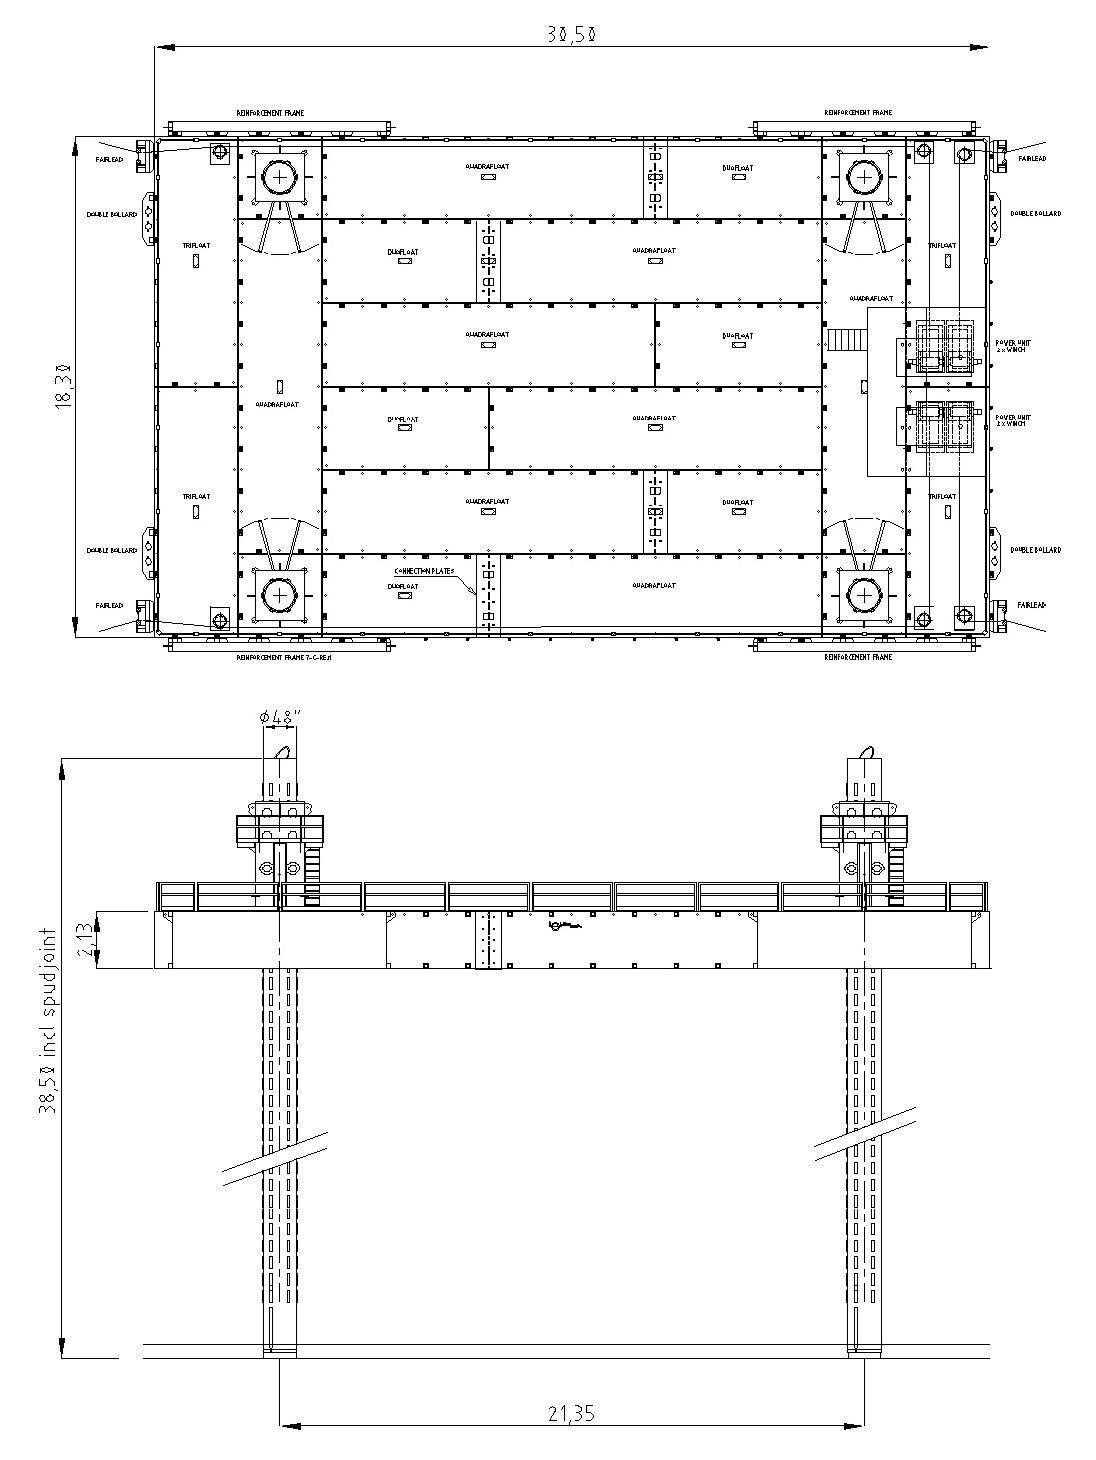 jack-up platform